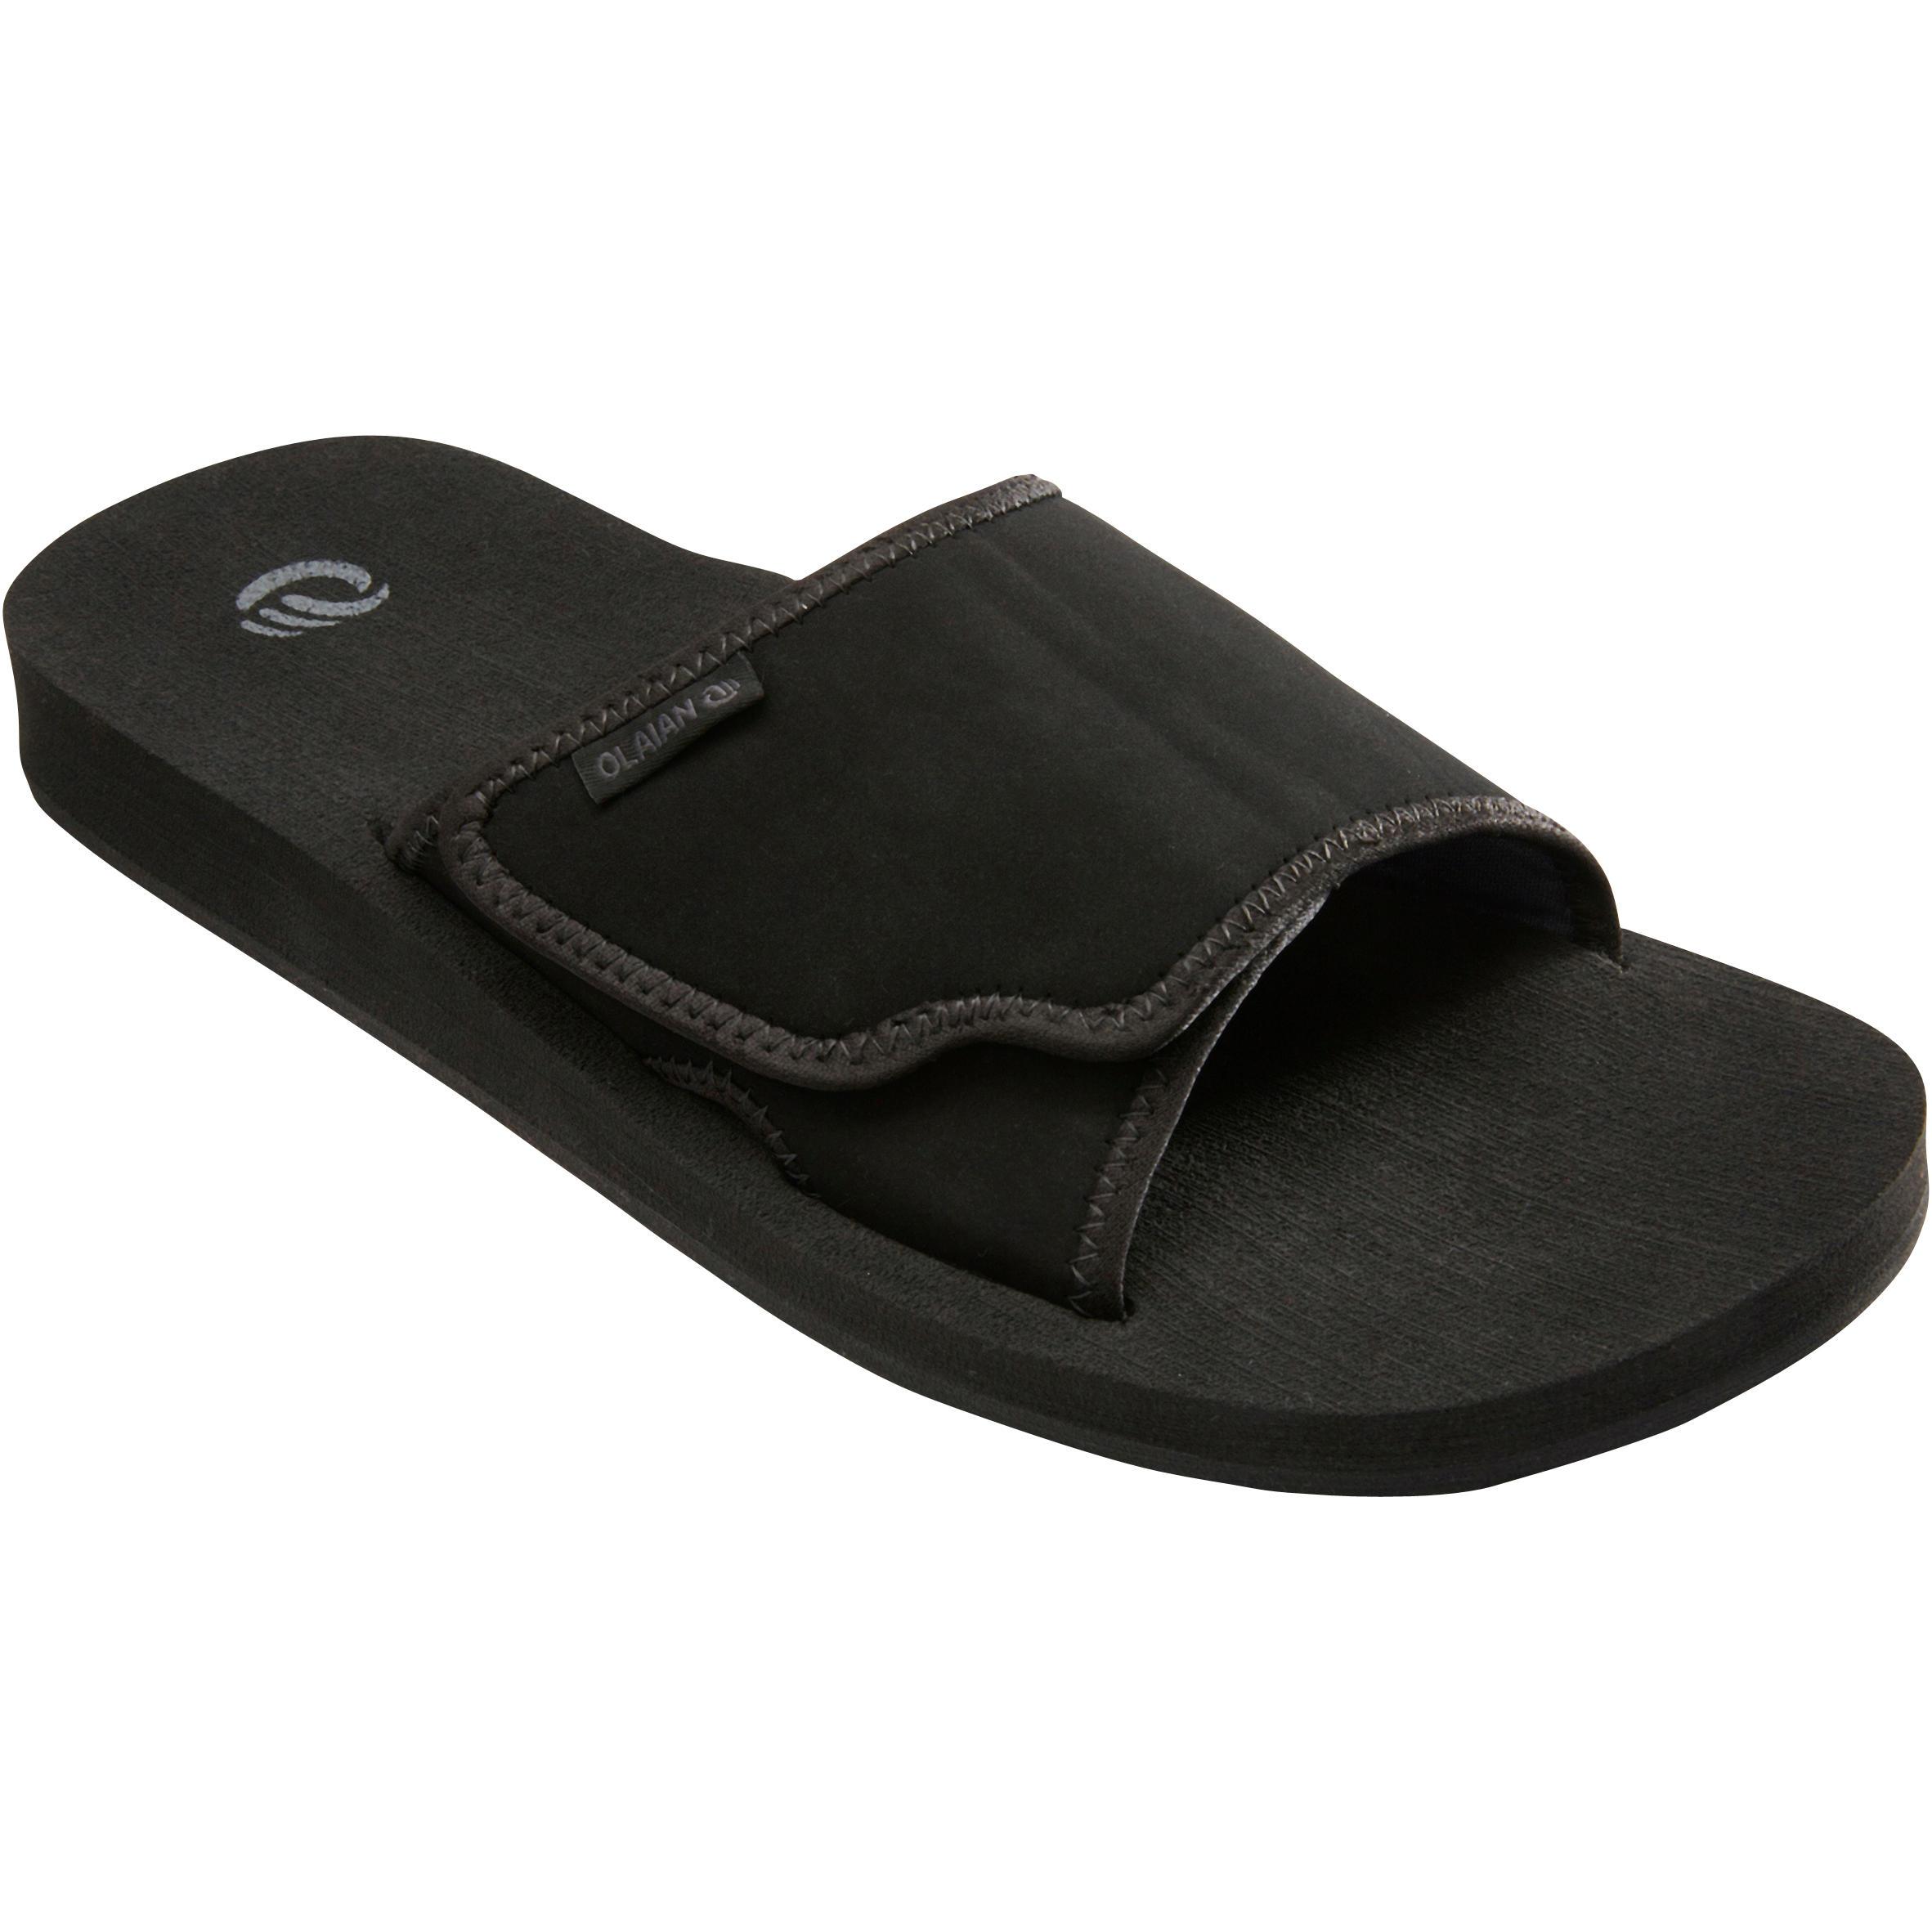 SLAP 550 M Men's Flip-Flops...